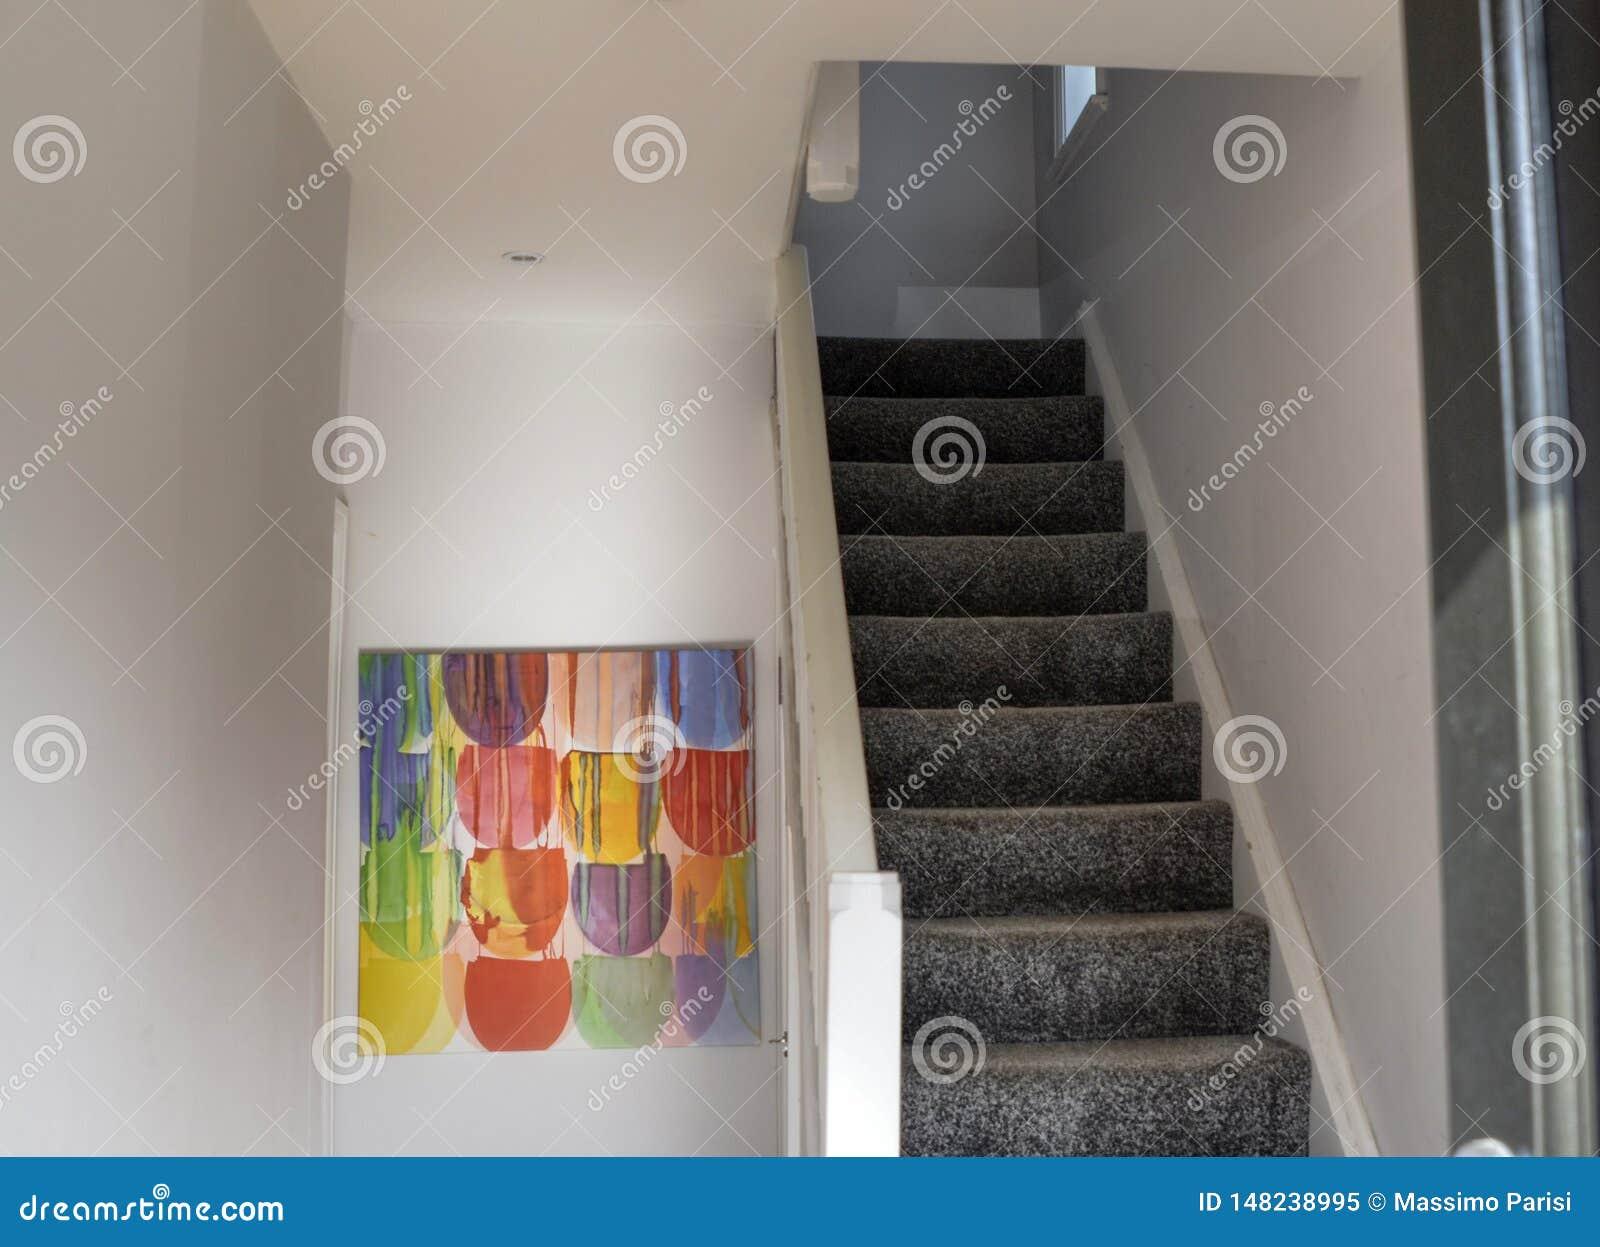 Лондон, Великобритания, июнь 2018 интерьер типичного дома в предместье Лондона